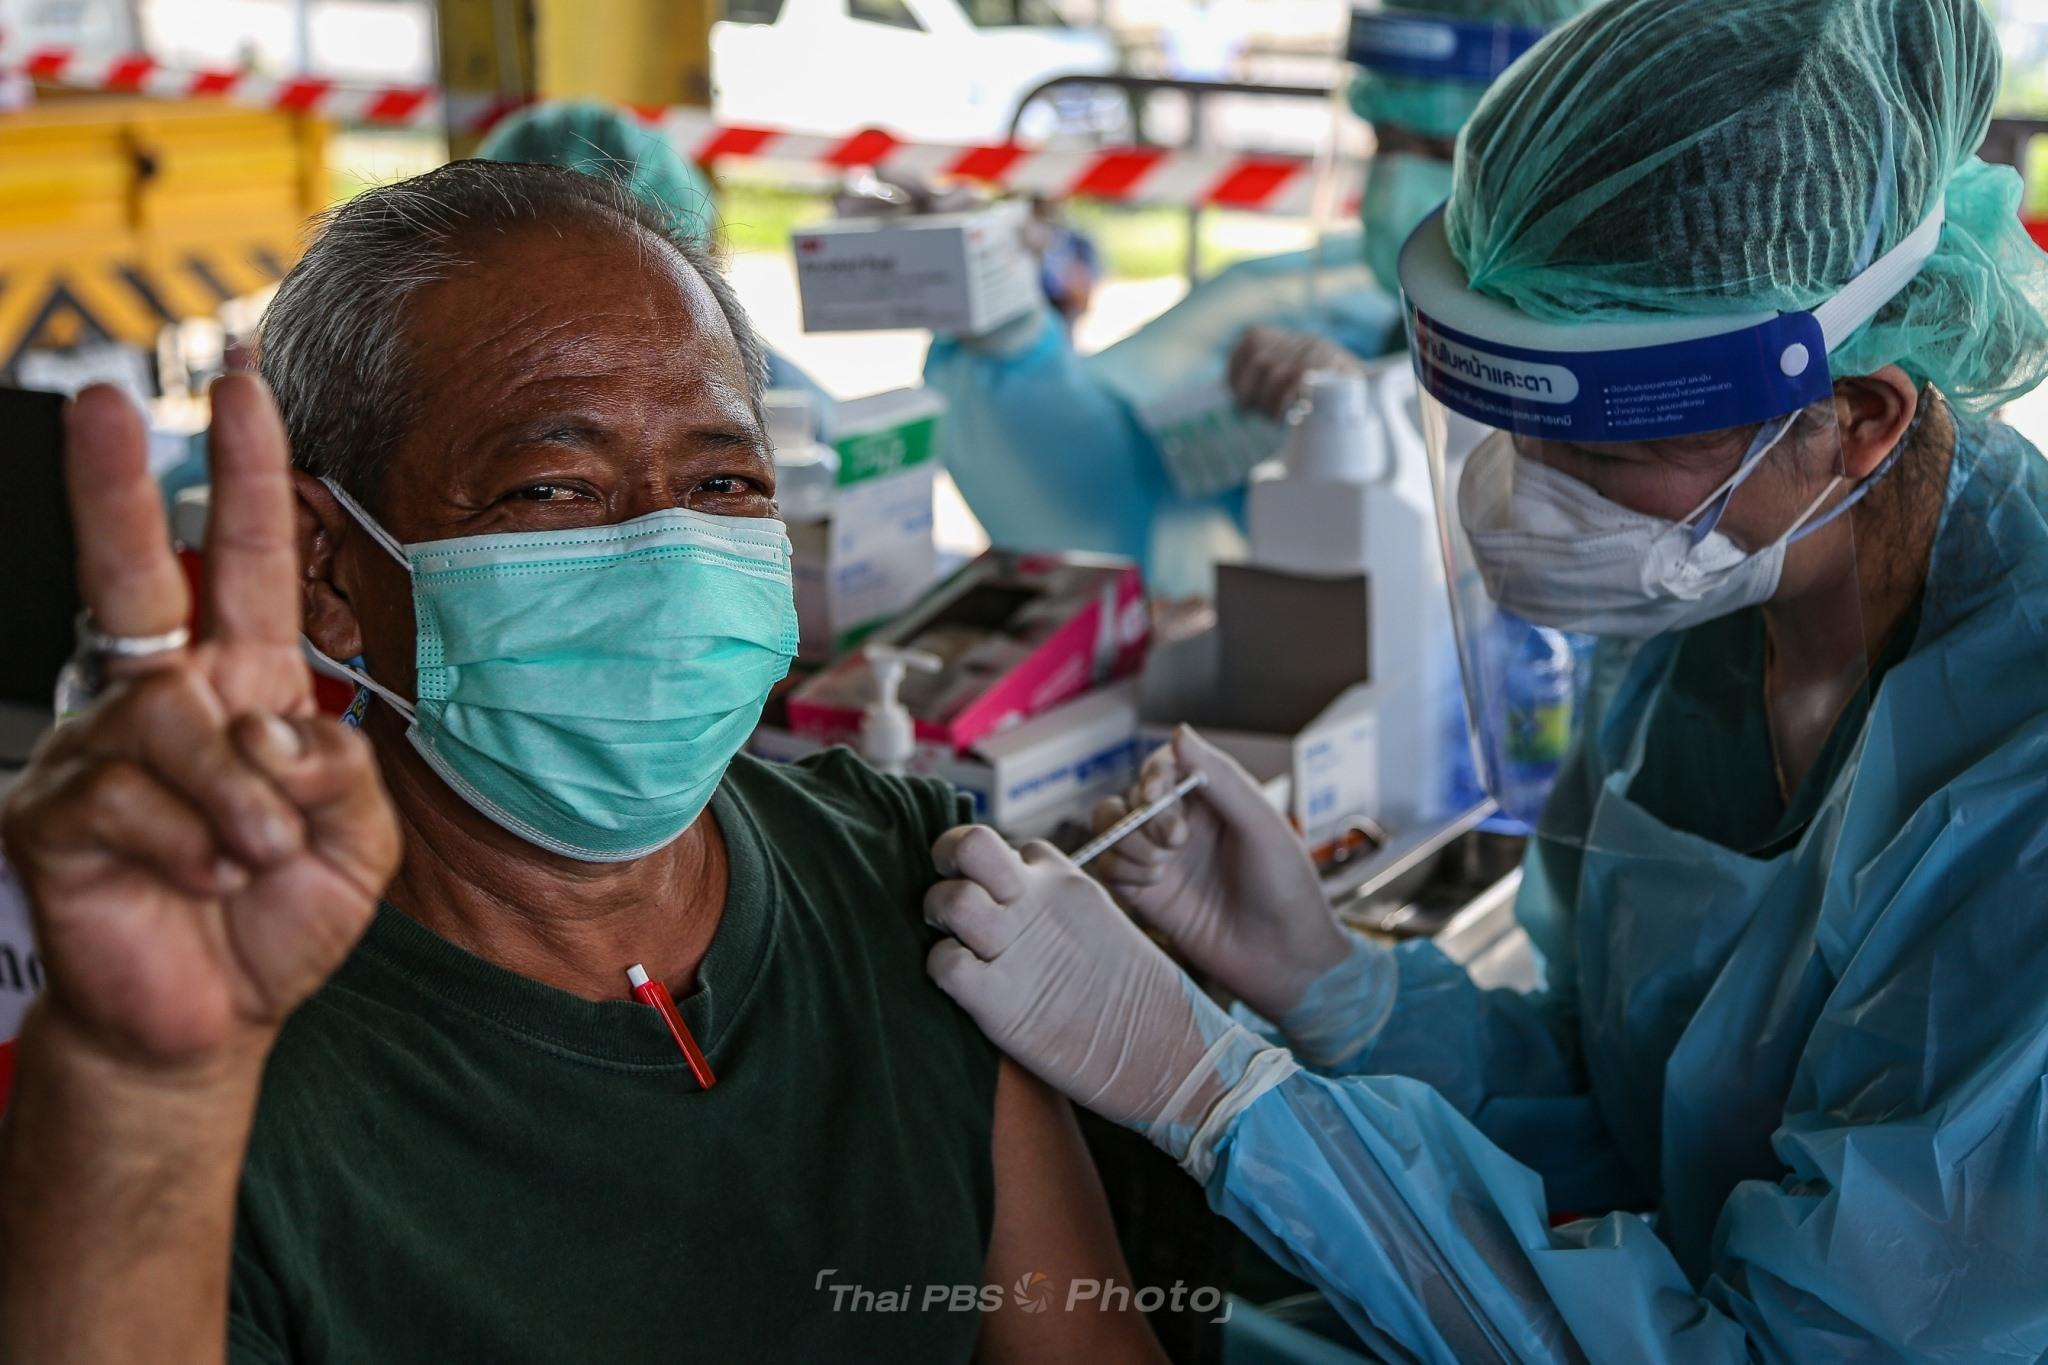 เปิดจุดฉีดวัคซีนแห่งที่ 3 เขตคลองเตย | 10 พ.ค. 64